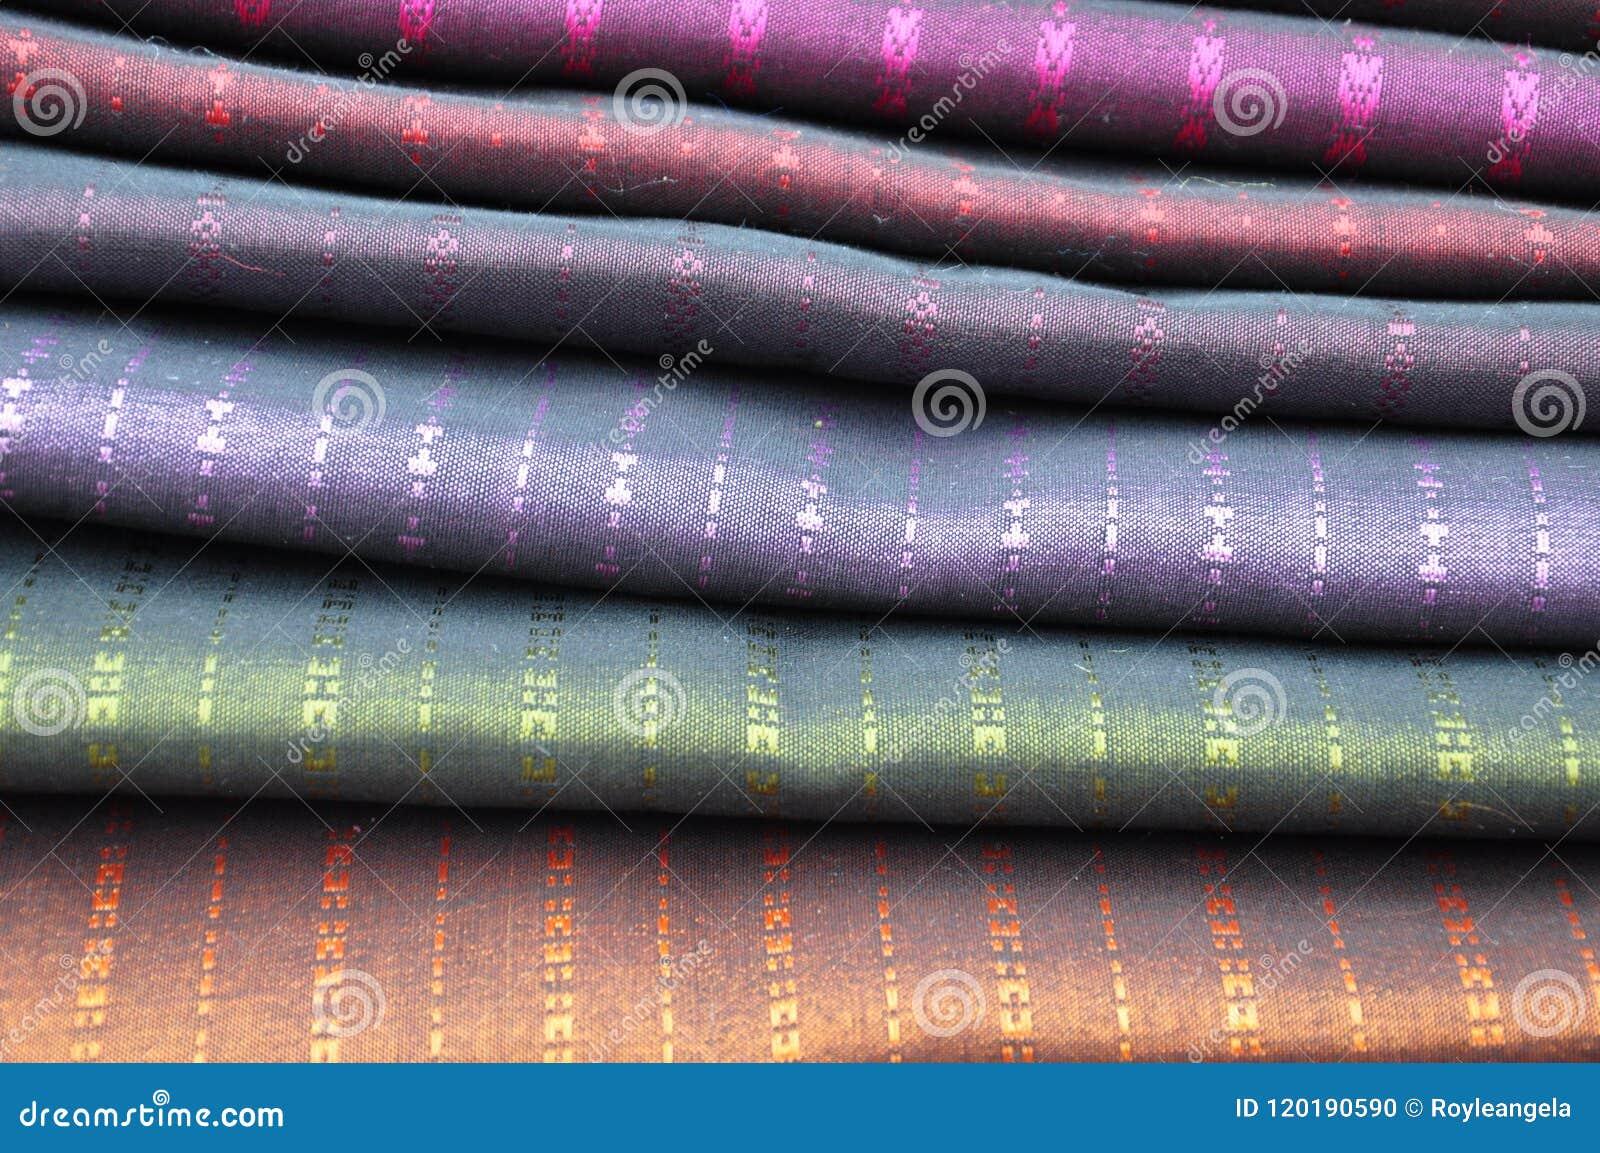 Stapels van de sjaals van zijdepashmina